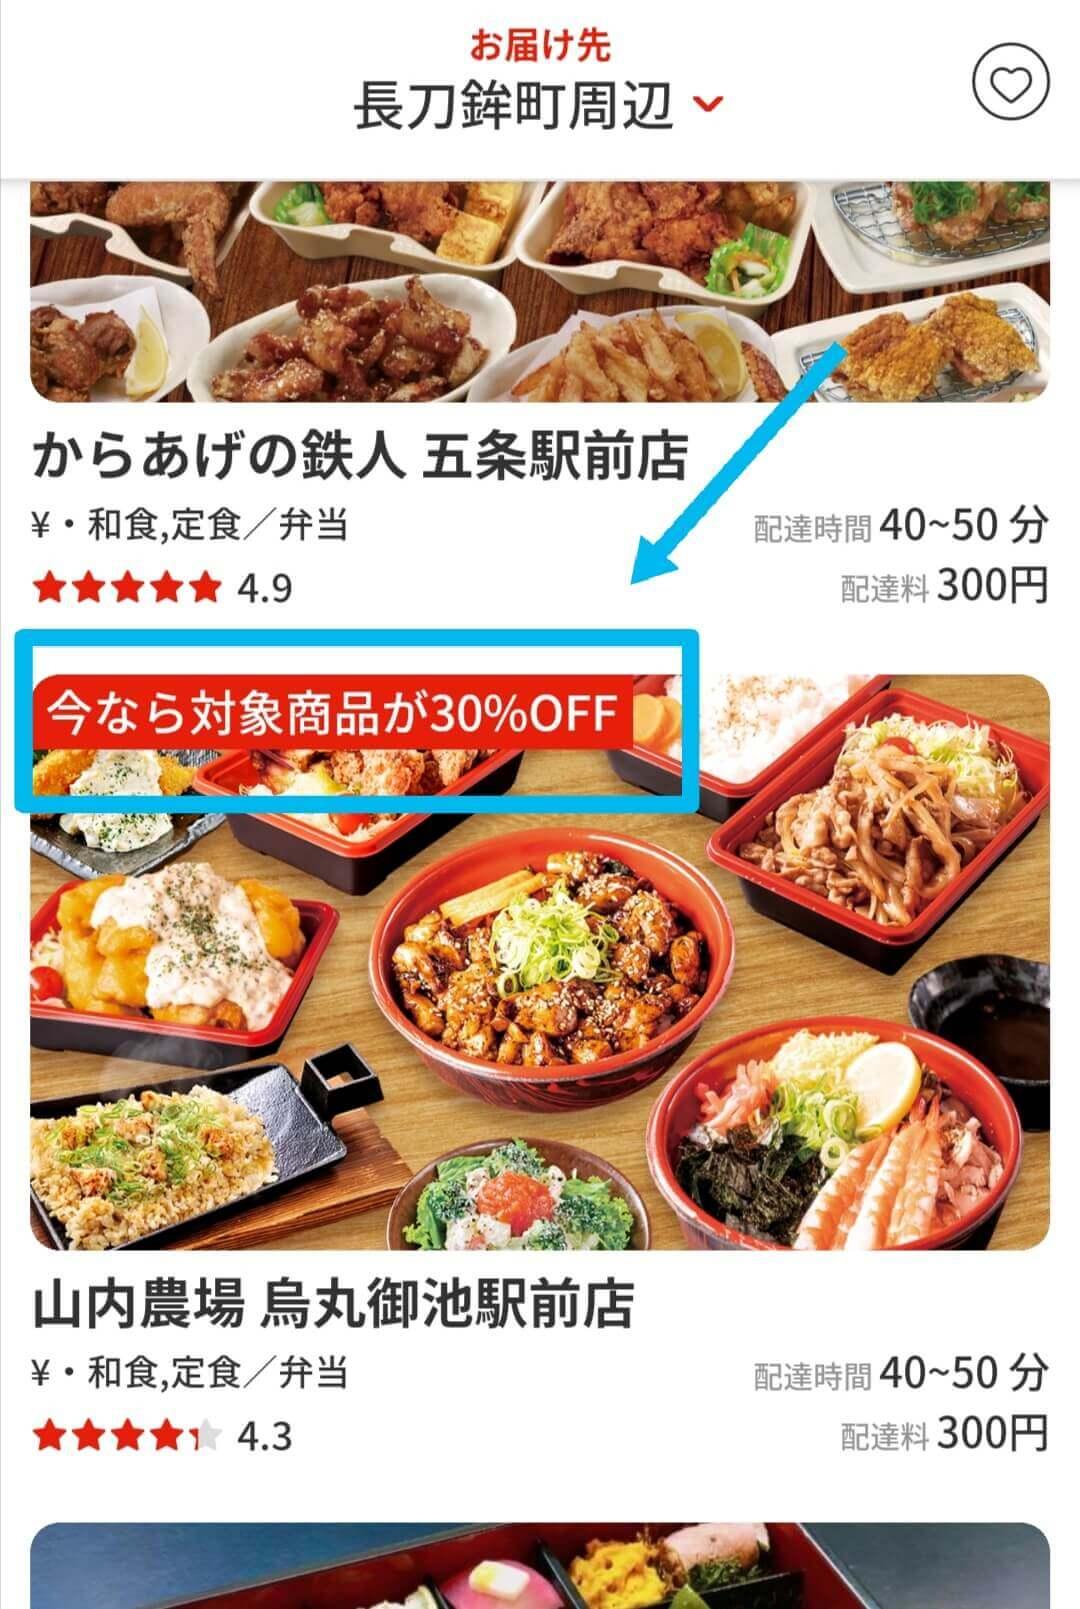 menu30%オフキャンペーン対象店舗